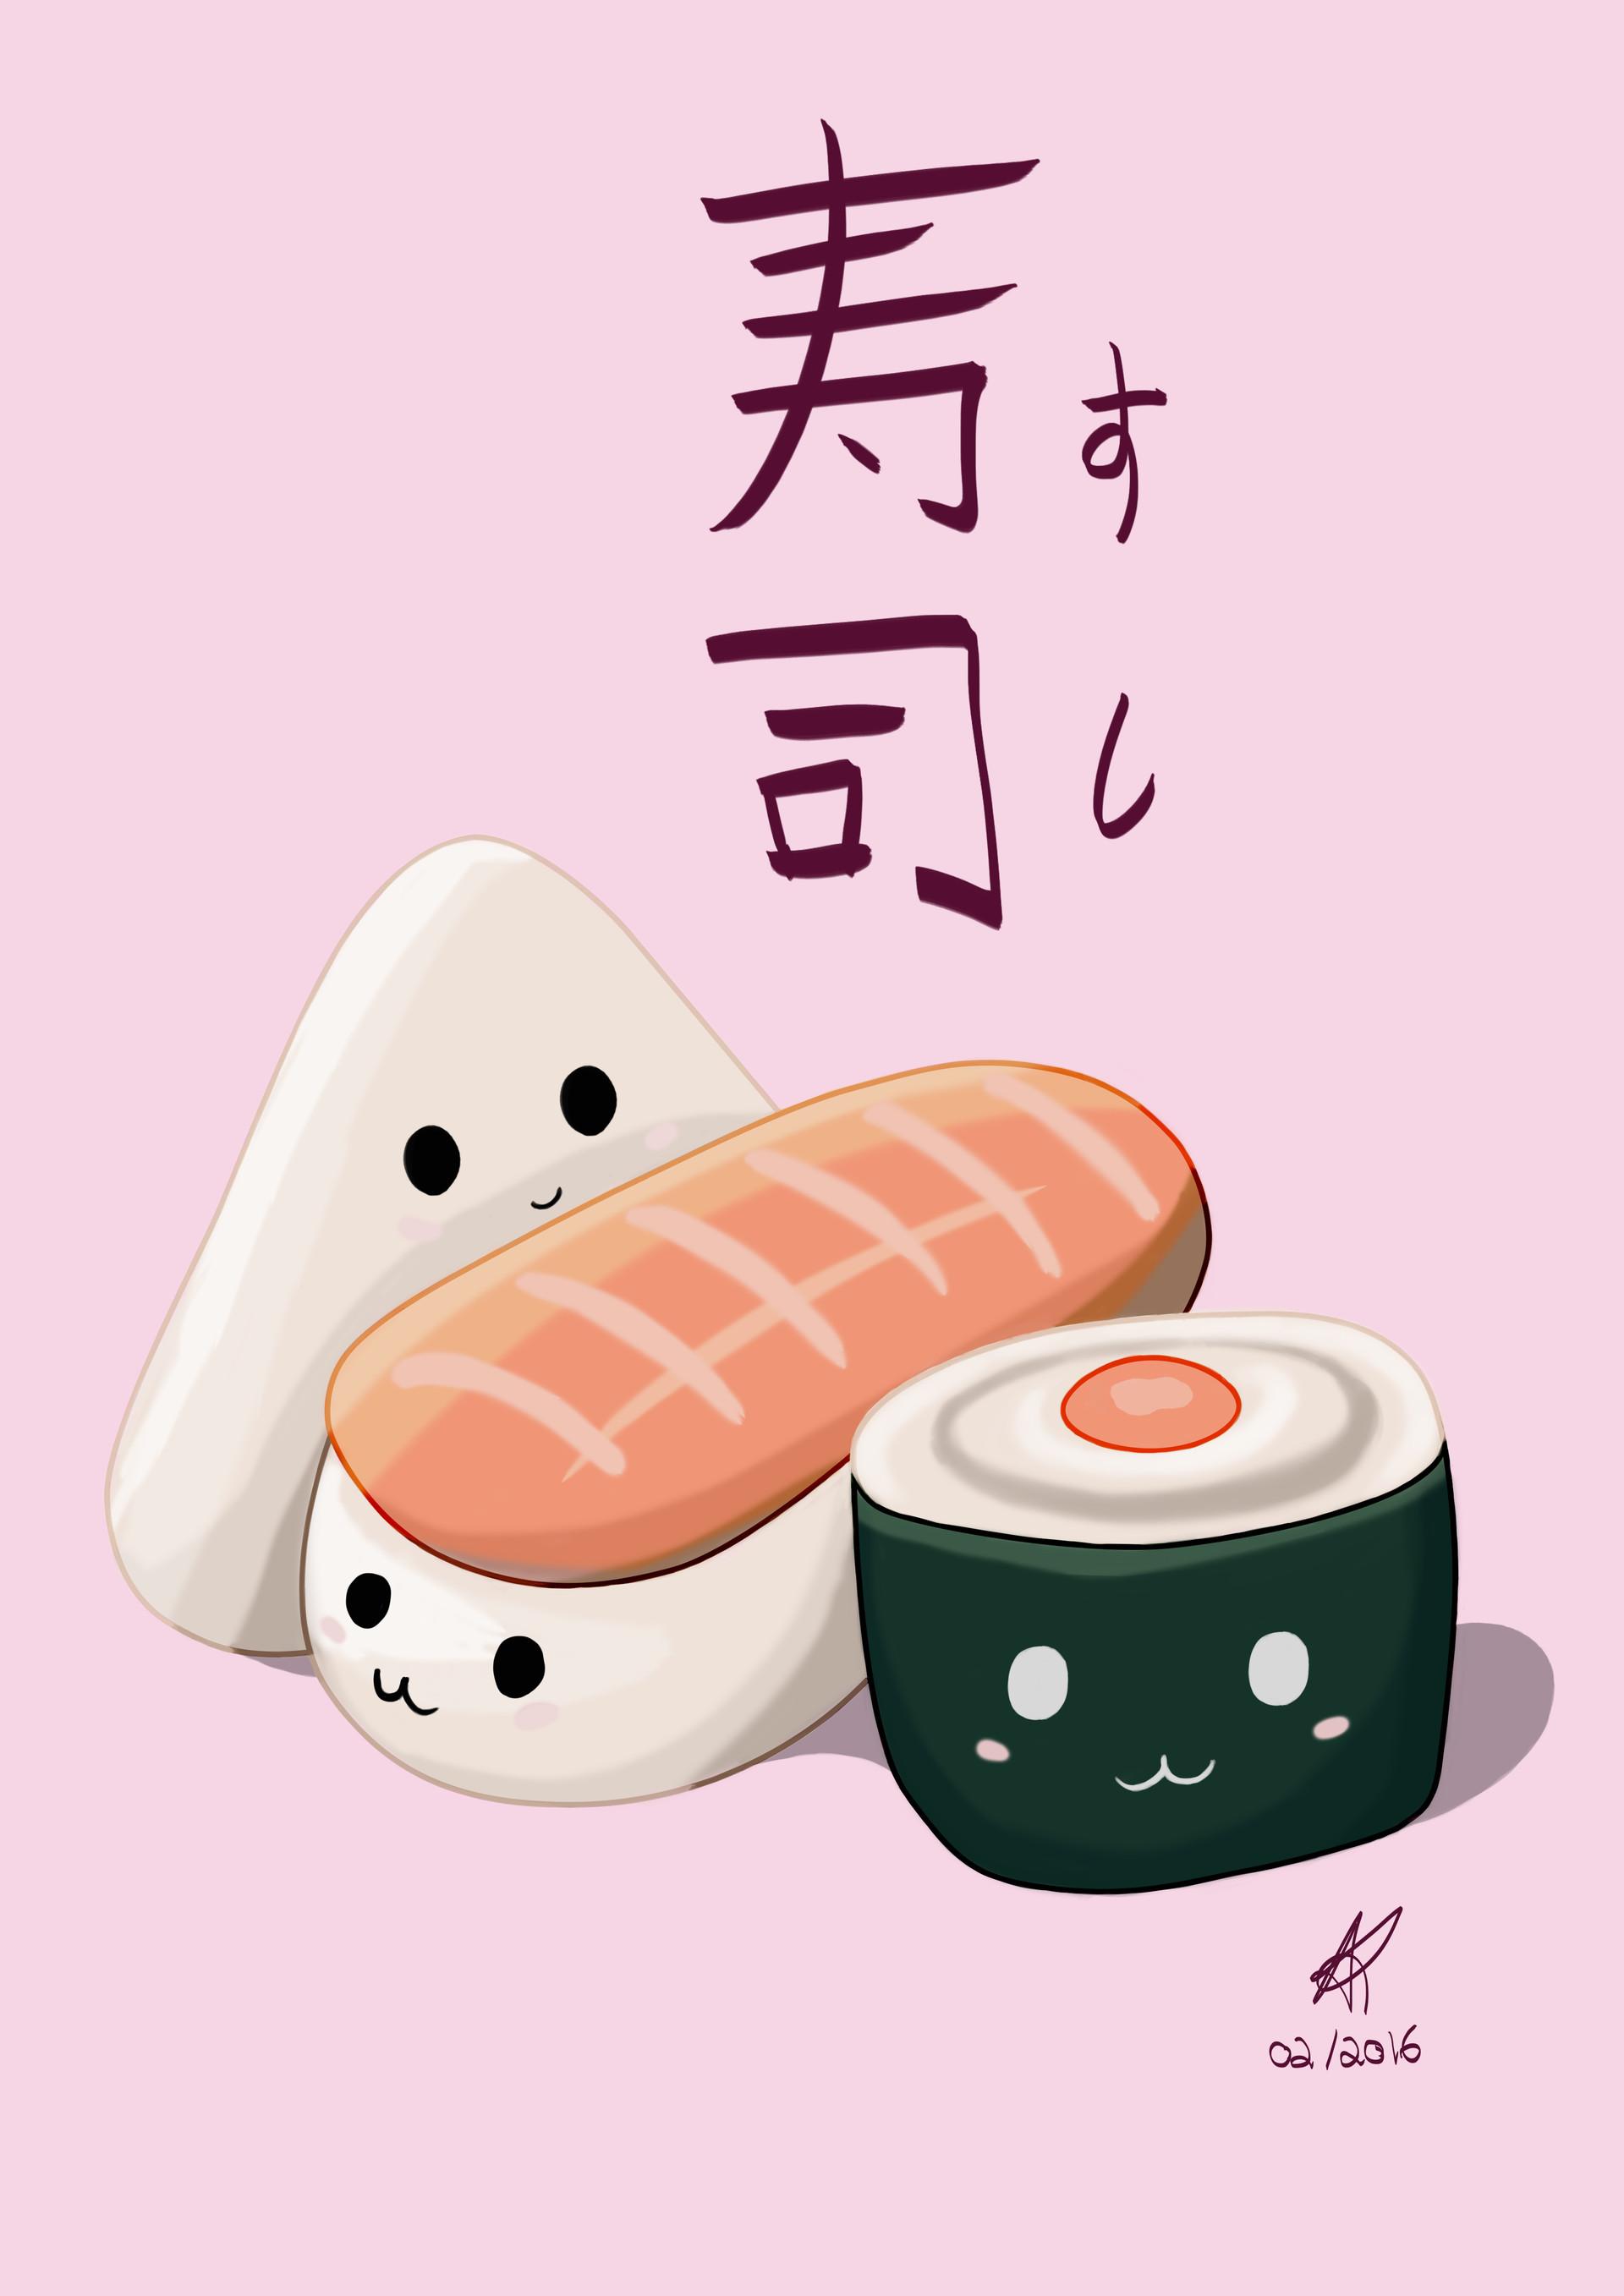 Digi nana cute sushi